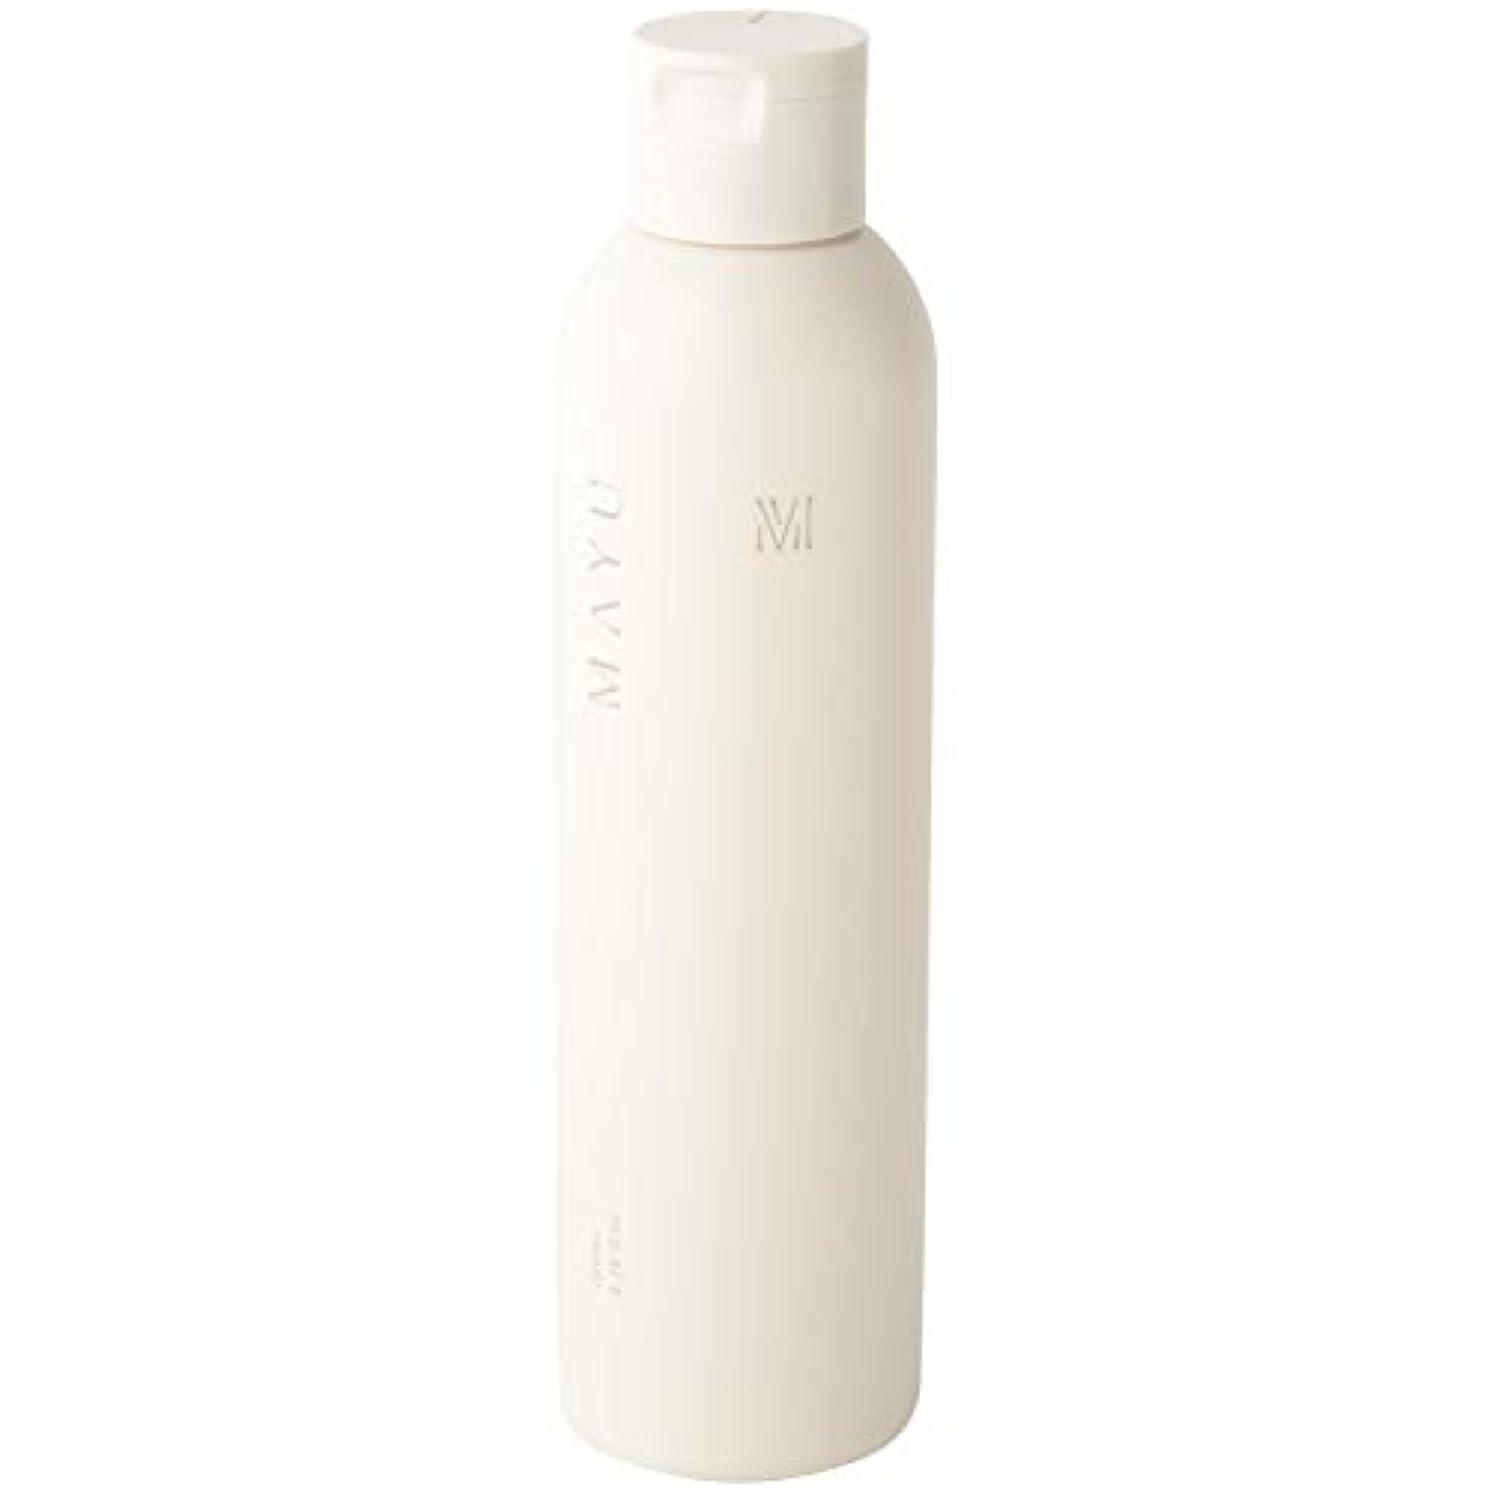 最後にビタミンエアコン【365Plus】 MAYU さくらの香り トリートメント (200ml) 1本入り